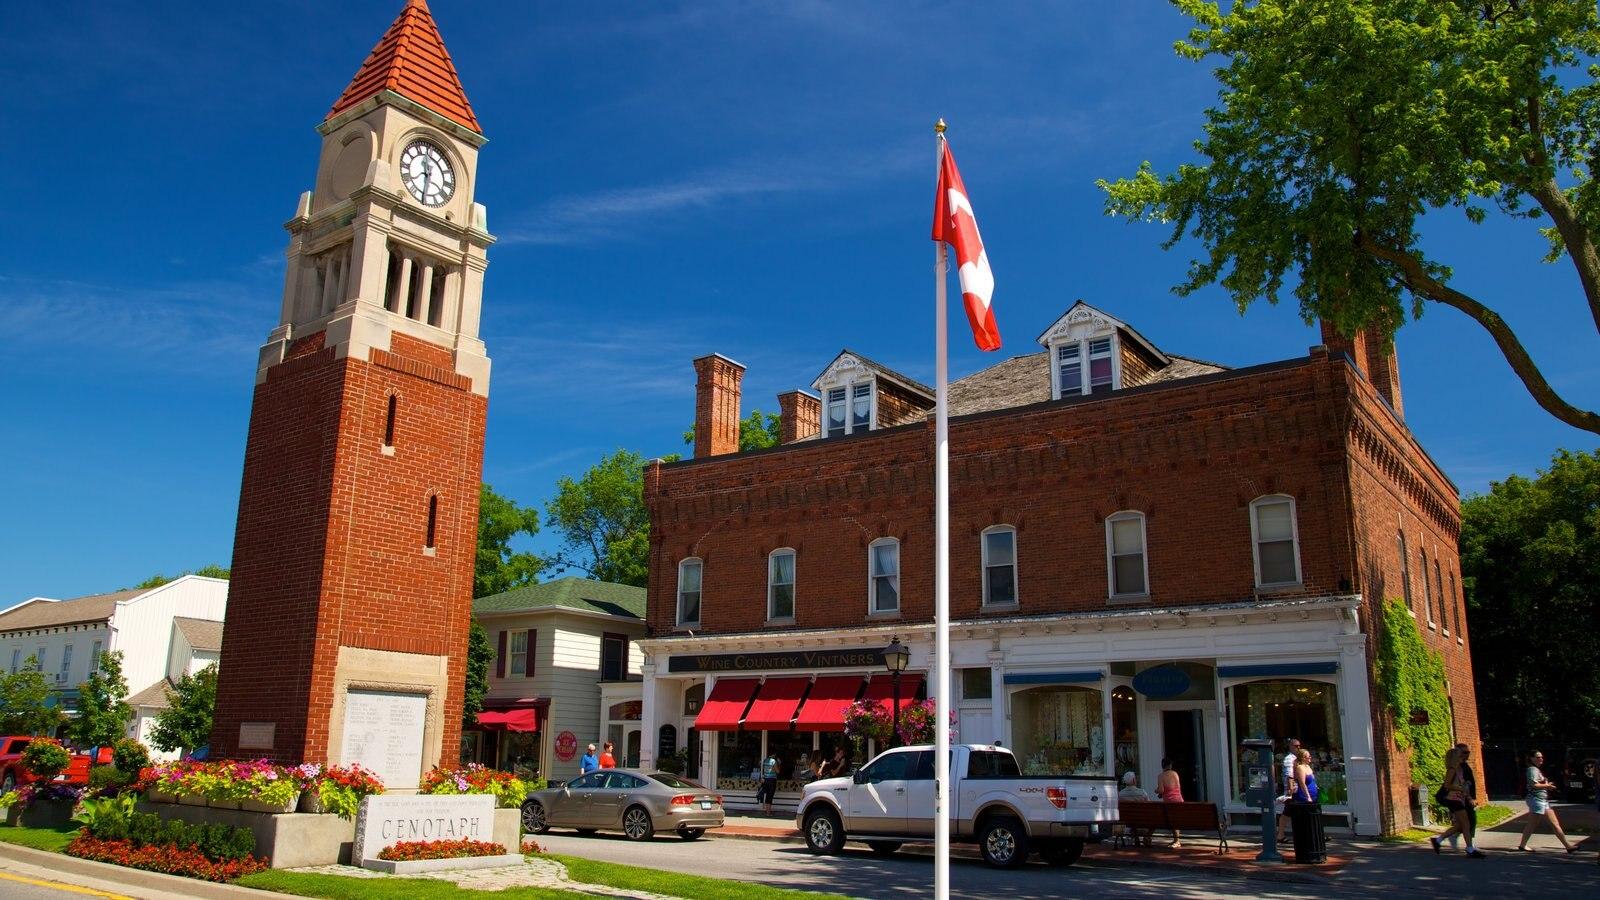 Niagara-on-the-Lake que inclui arquitetura de patrimônio, cenas de rua e elementos de patrimônio